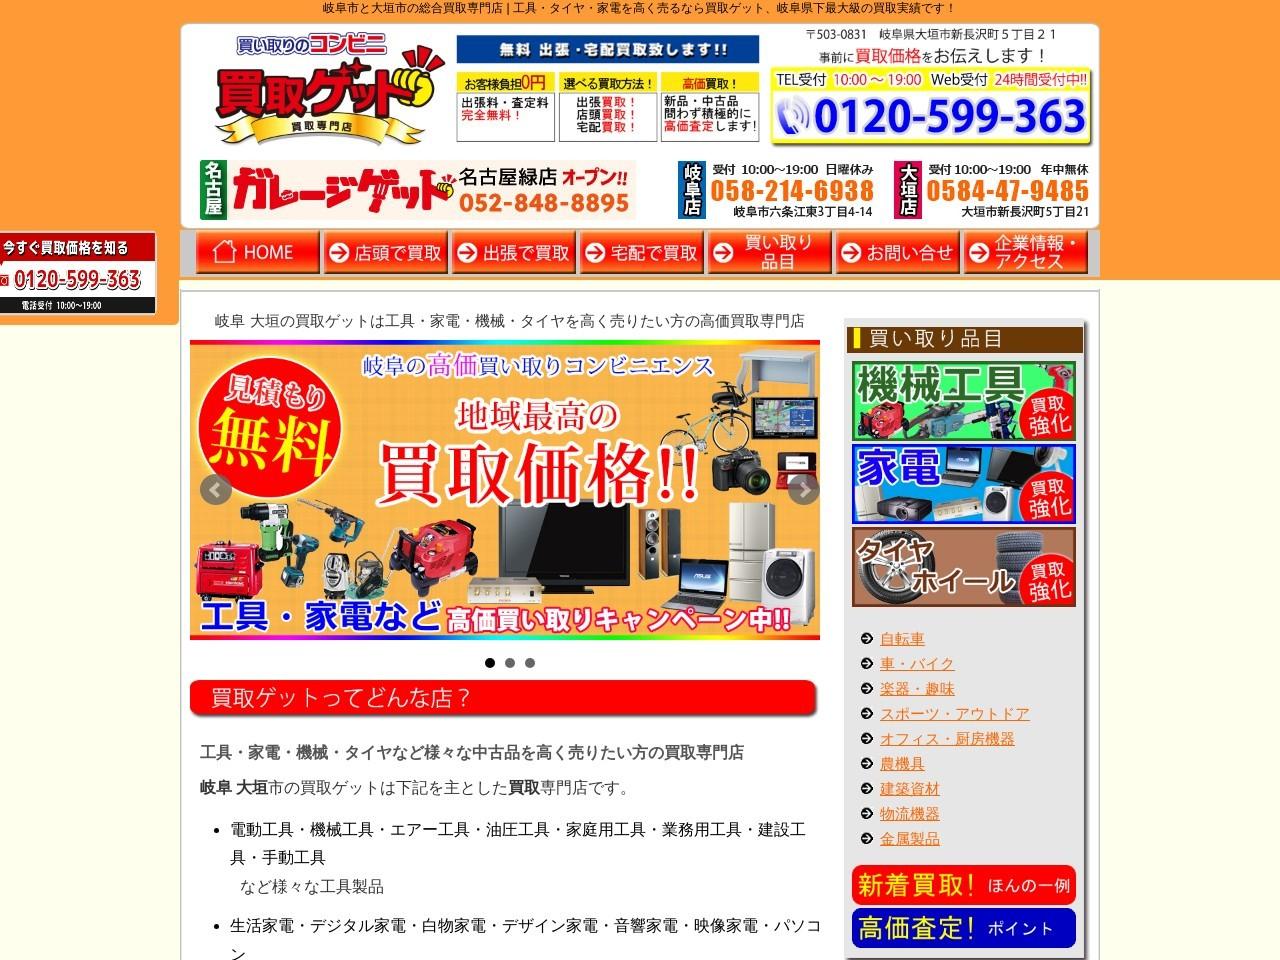 岐阜の総合買取専門店 ゲット | 工具,タイヤ,家電など岐阜県最大級の買取実績